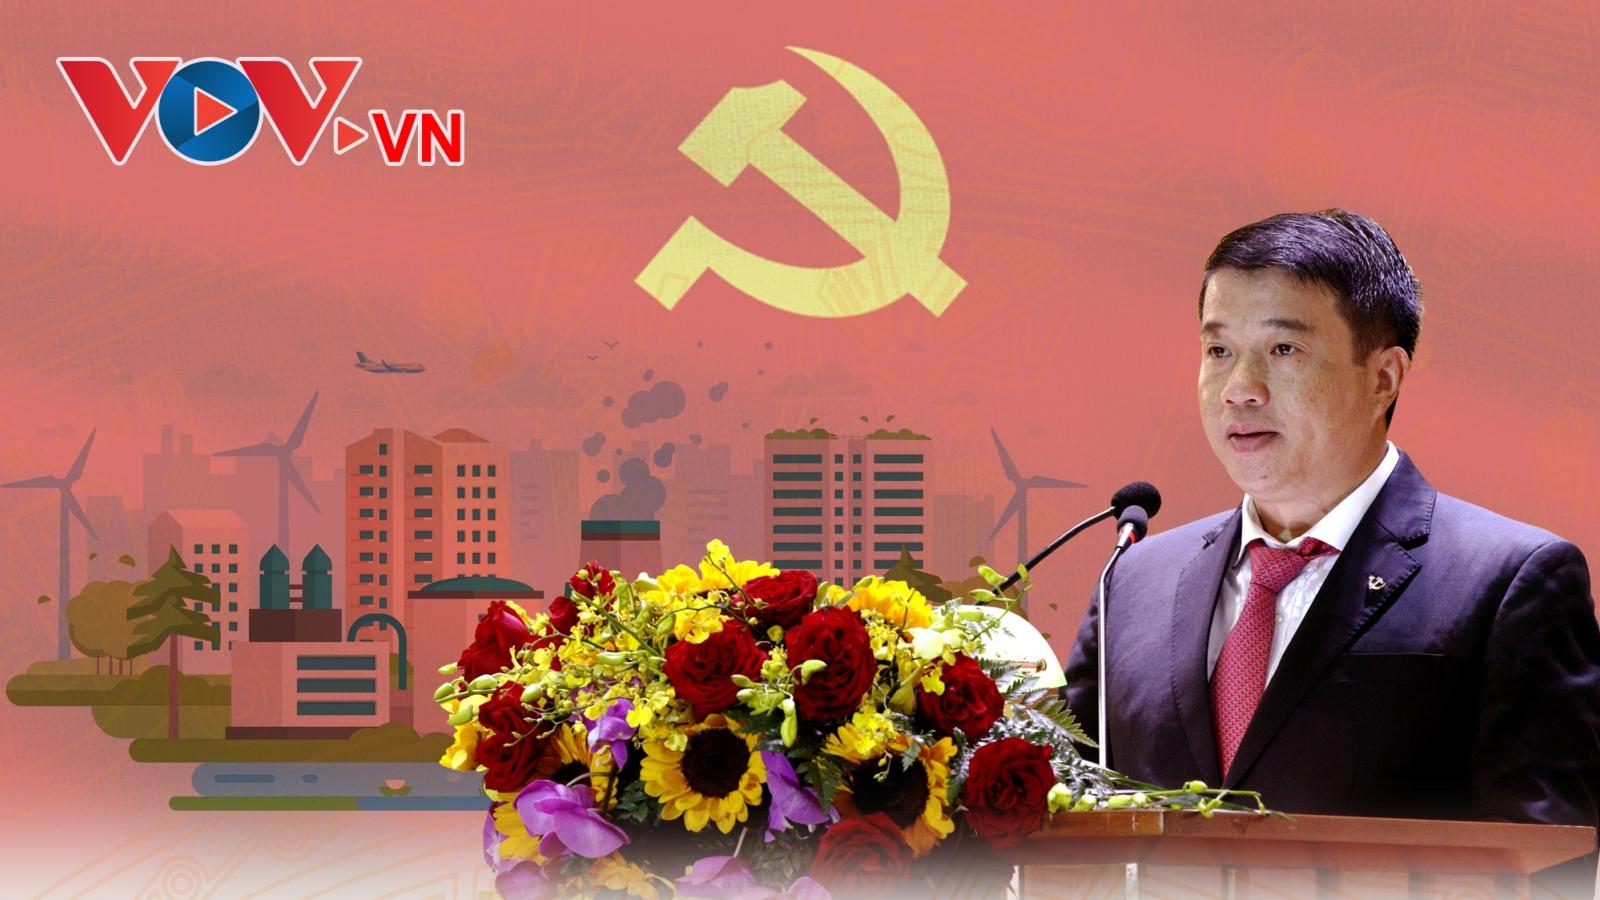 Chân dung Bí thư Đảng ủy Khối Doanh nghiệp Trung ương Y Thanh Hà Niê Kđăm